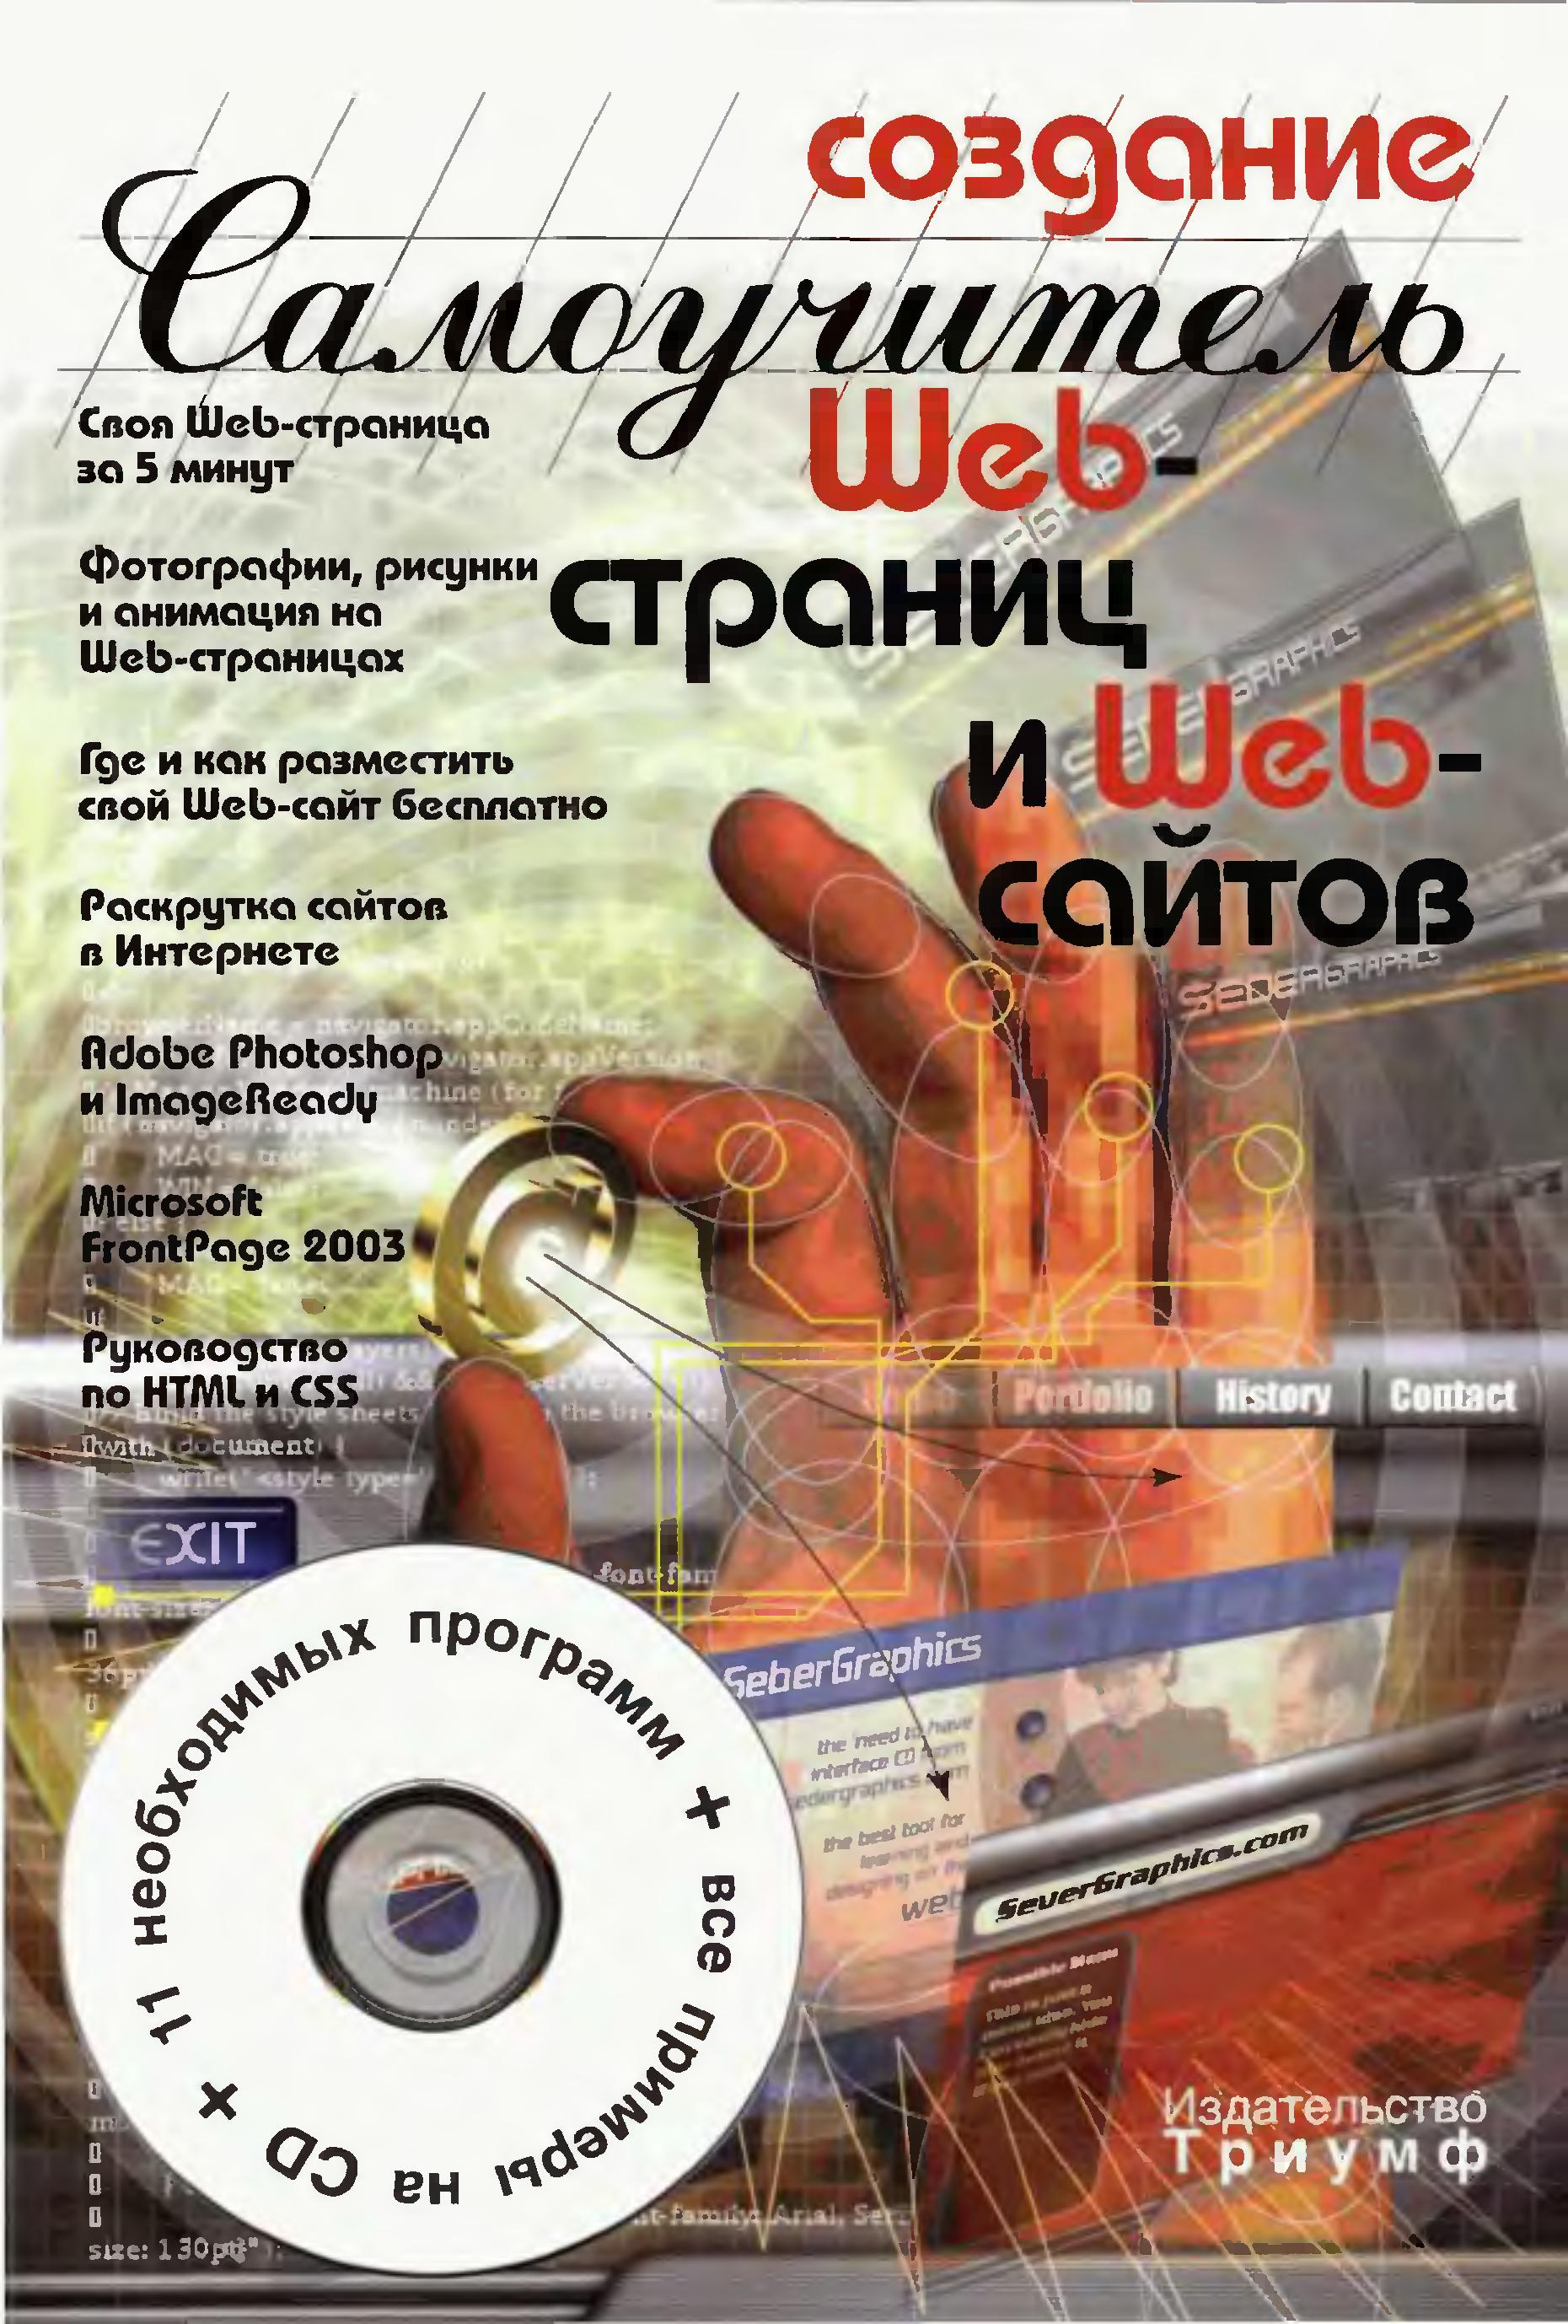 Самоучитель по созданию веб сайтов программа для создания иконки сайта